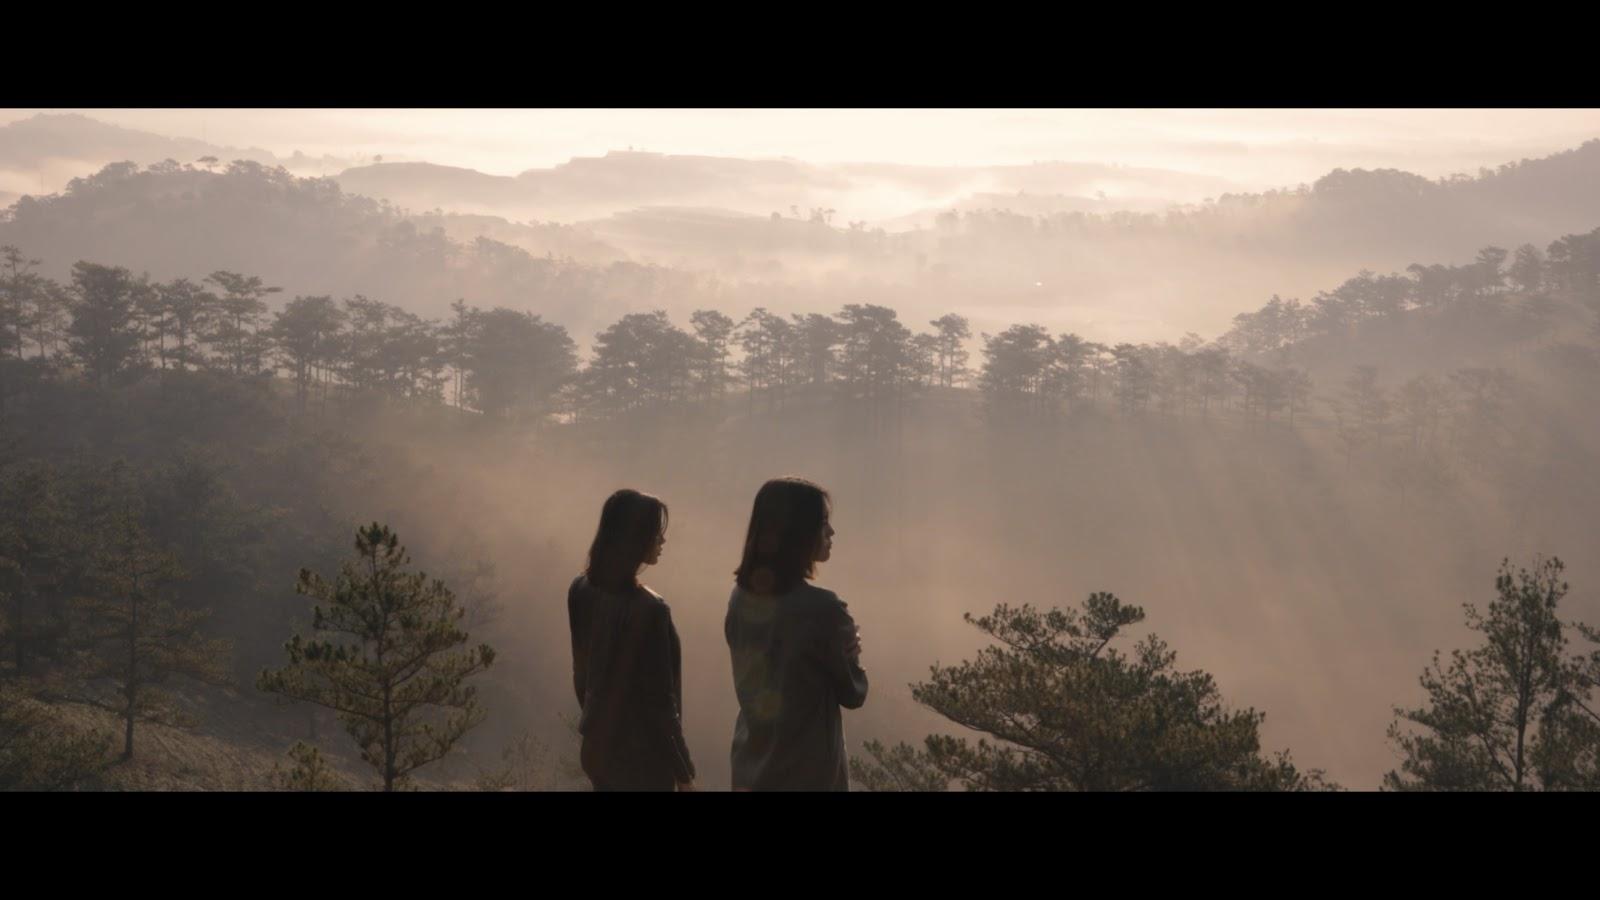 Phim ngắn của đạo diễn Nguyễn Quang Tâm tham gia Liên hoan phim Quốc tế CIMFF 2020 - Hình 7